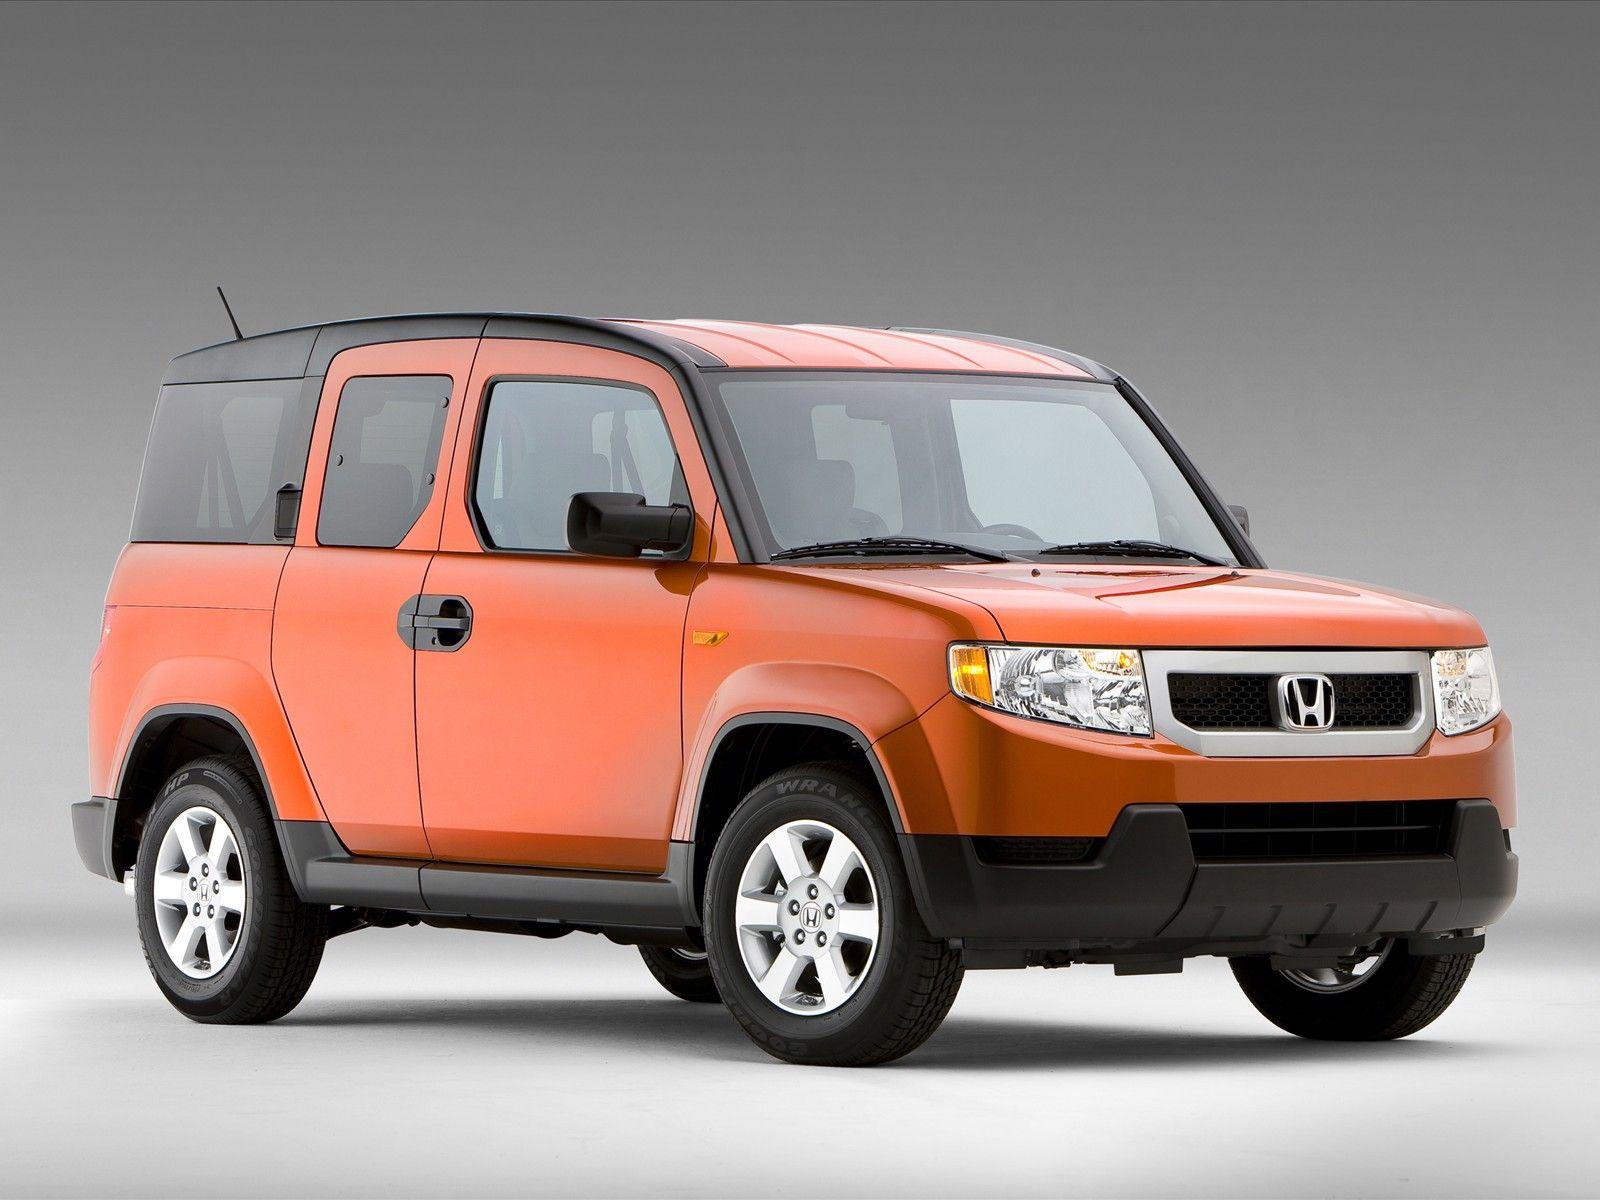 Honda Mini Van Models Honda Element Awd Truck Suv Minivan Car